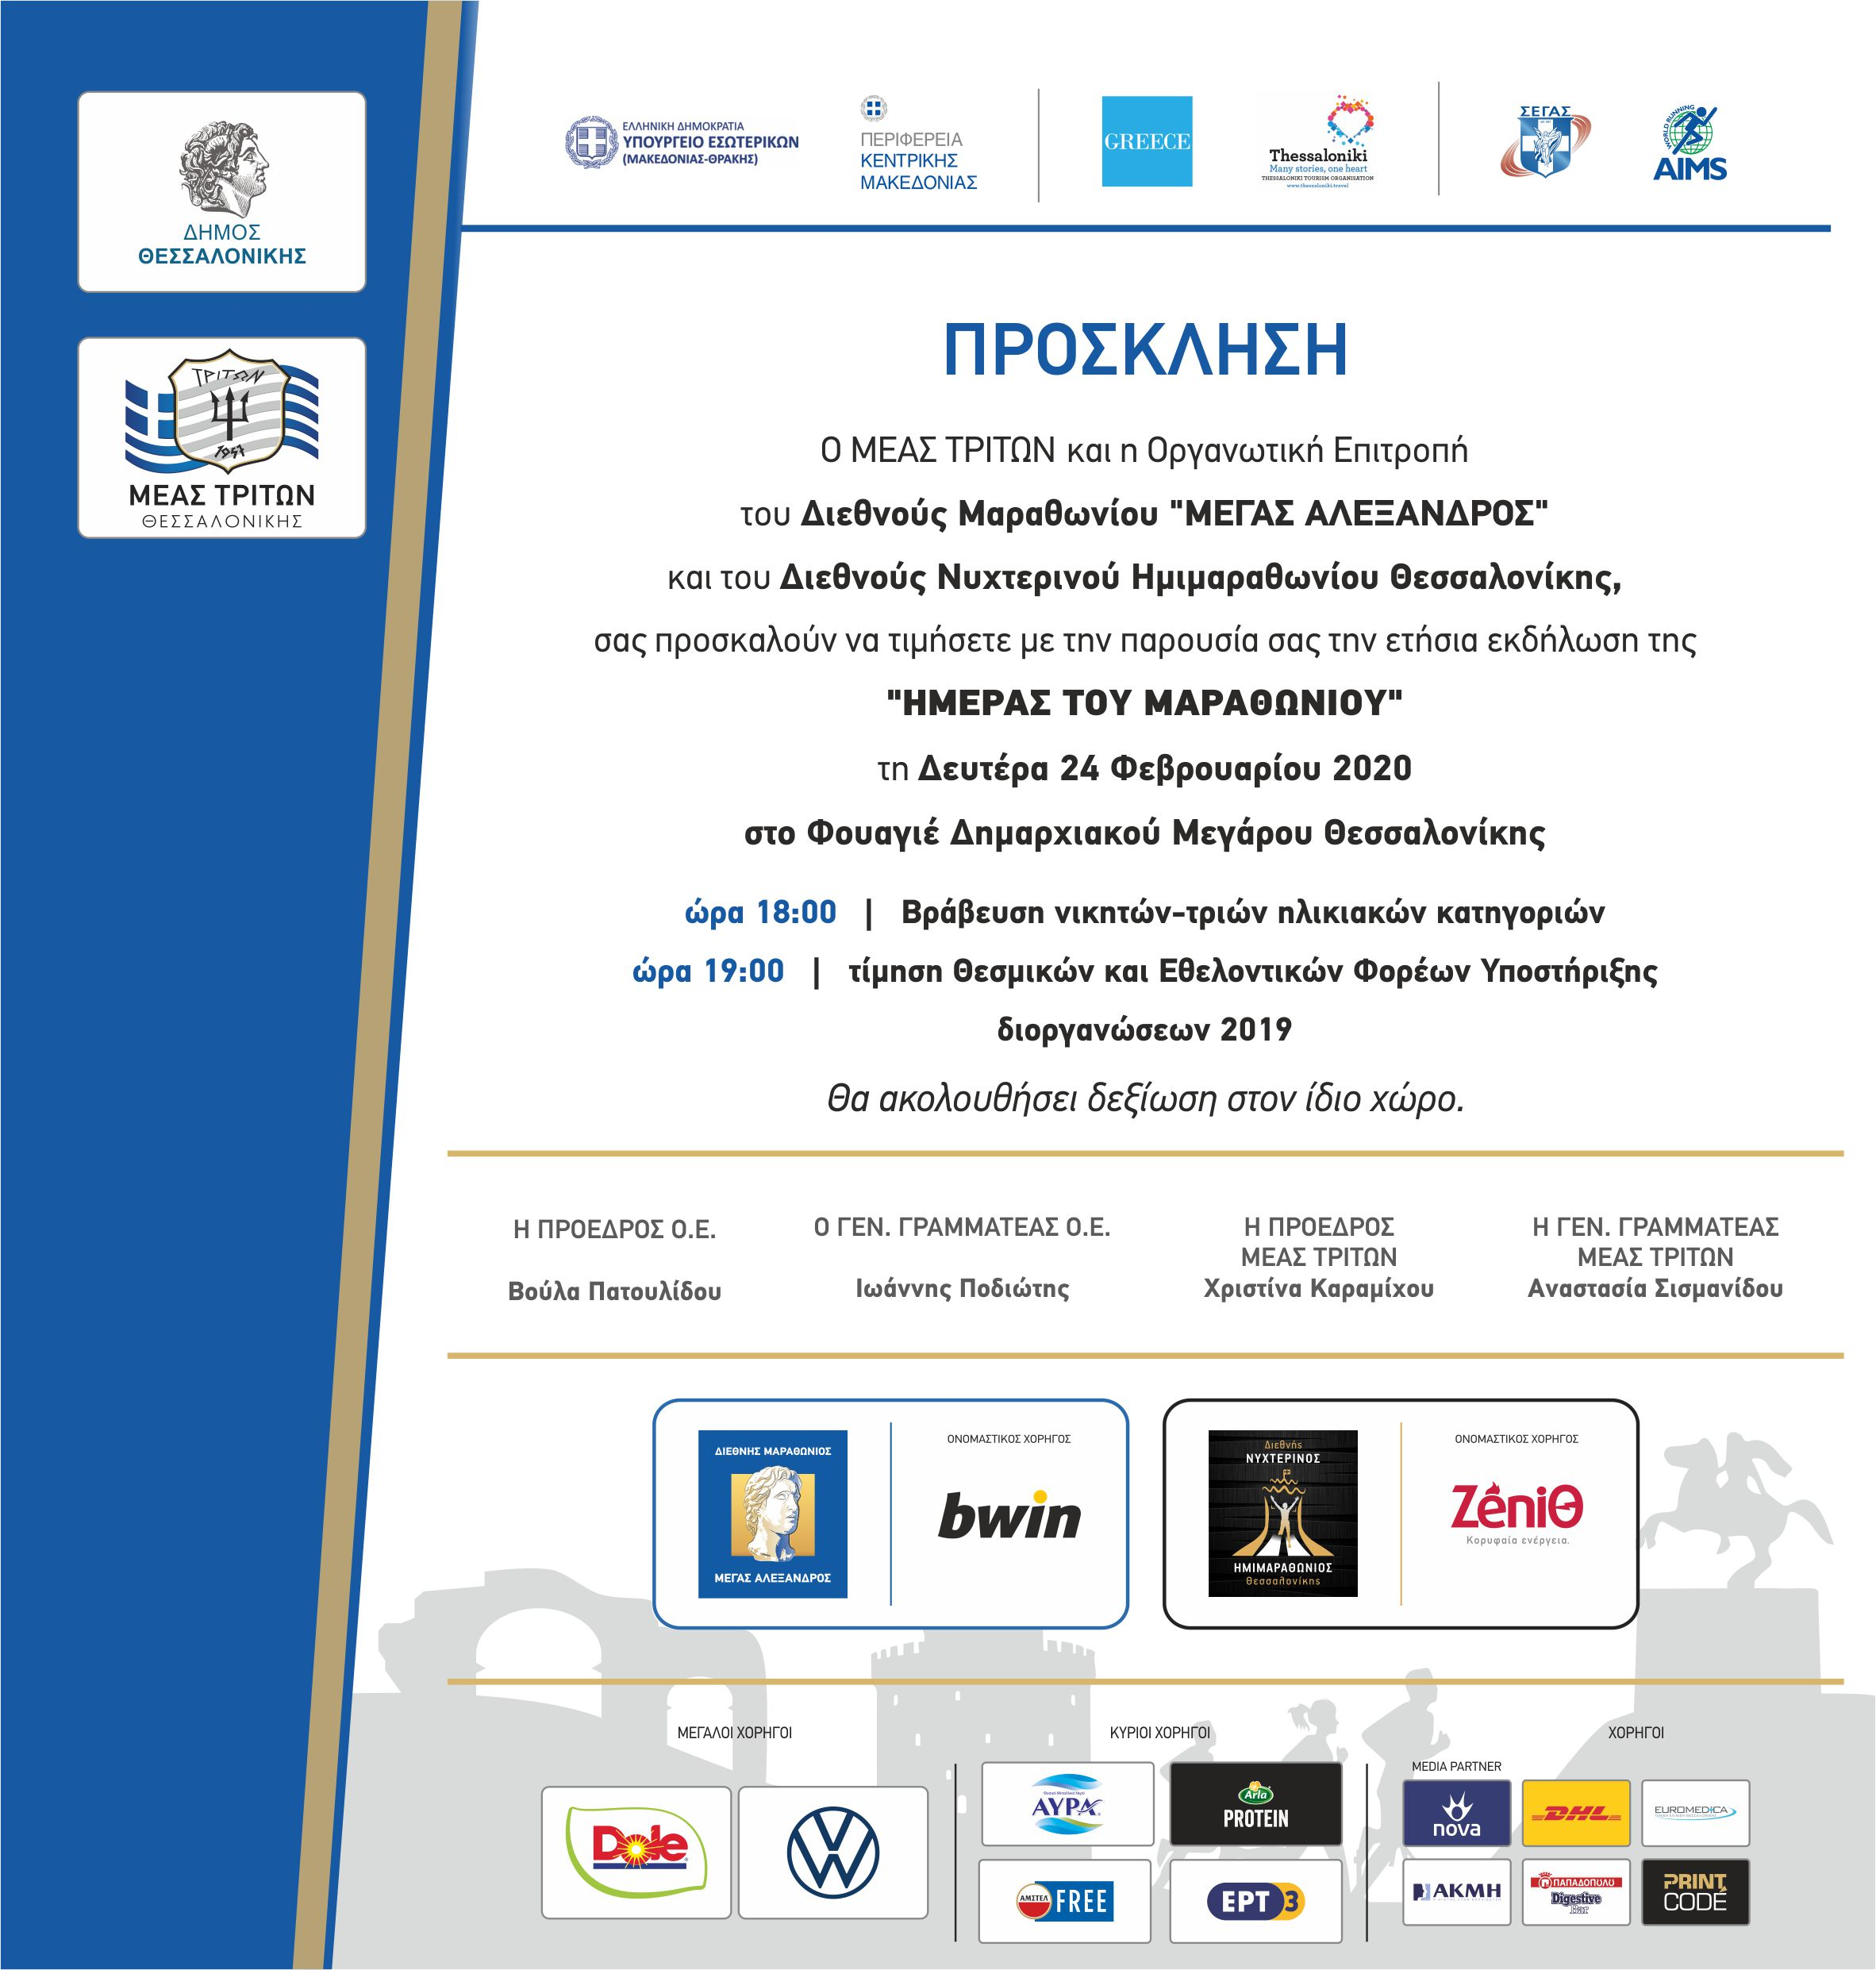 Πρόσκληση στην ετήσια εκδήλωση της Ημέρας του Μαραθωνίου